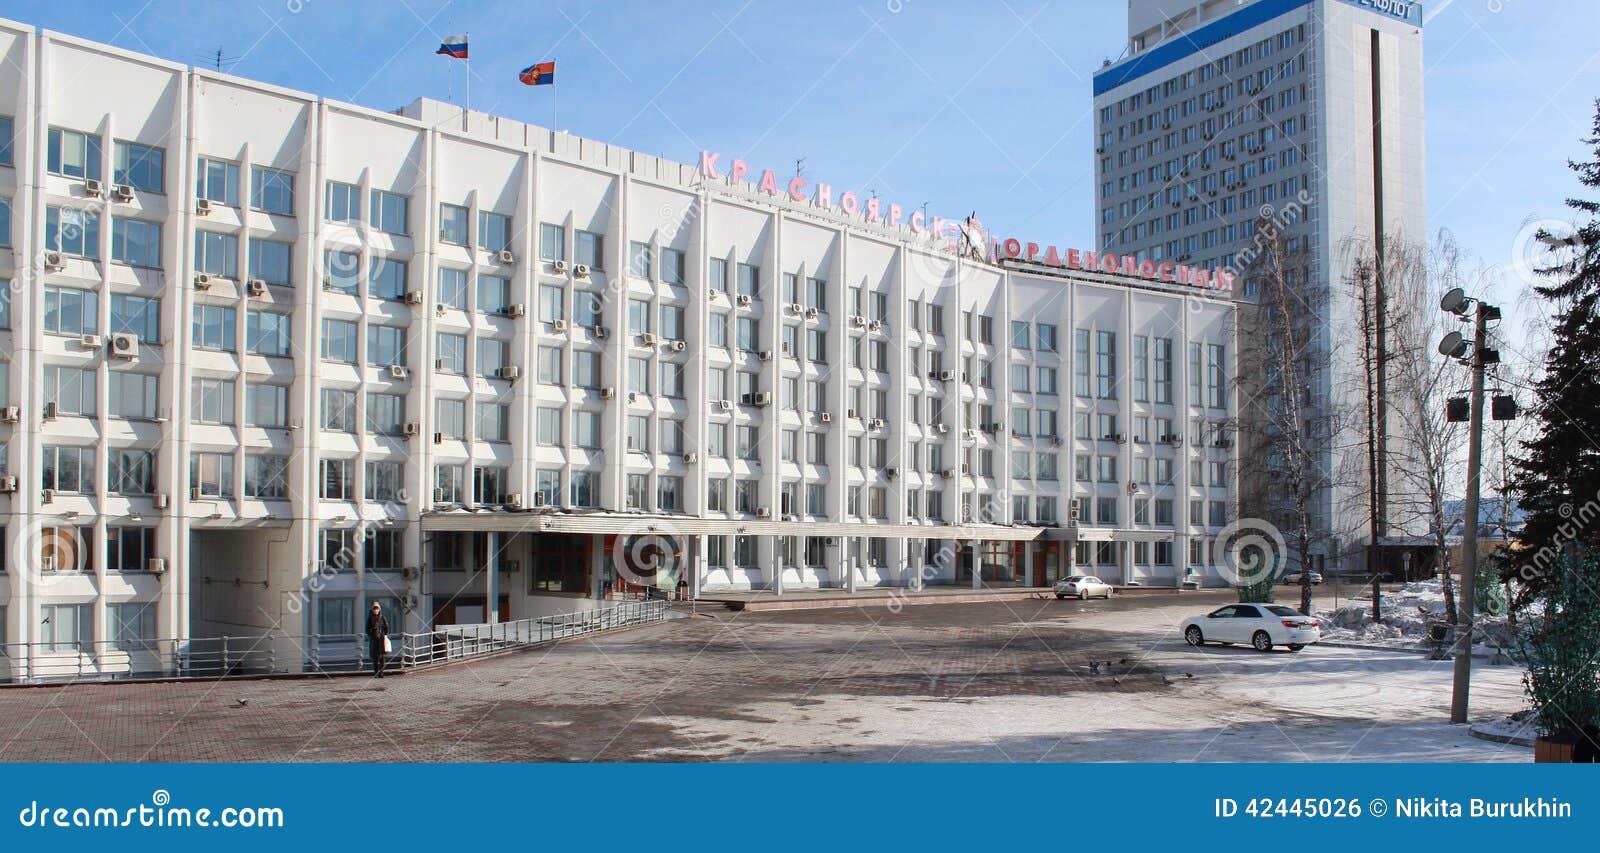 La administración de la ciudad de Krasnoyarsk